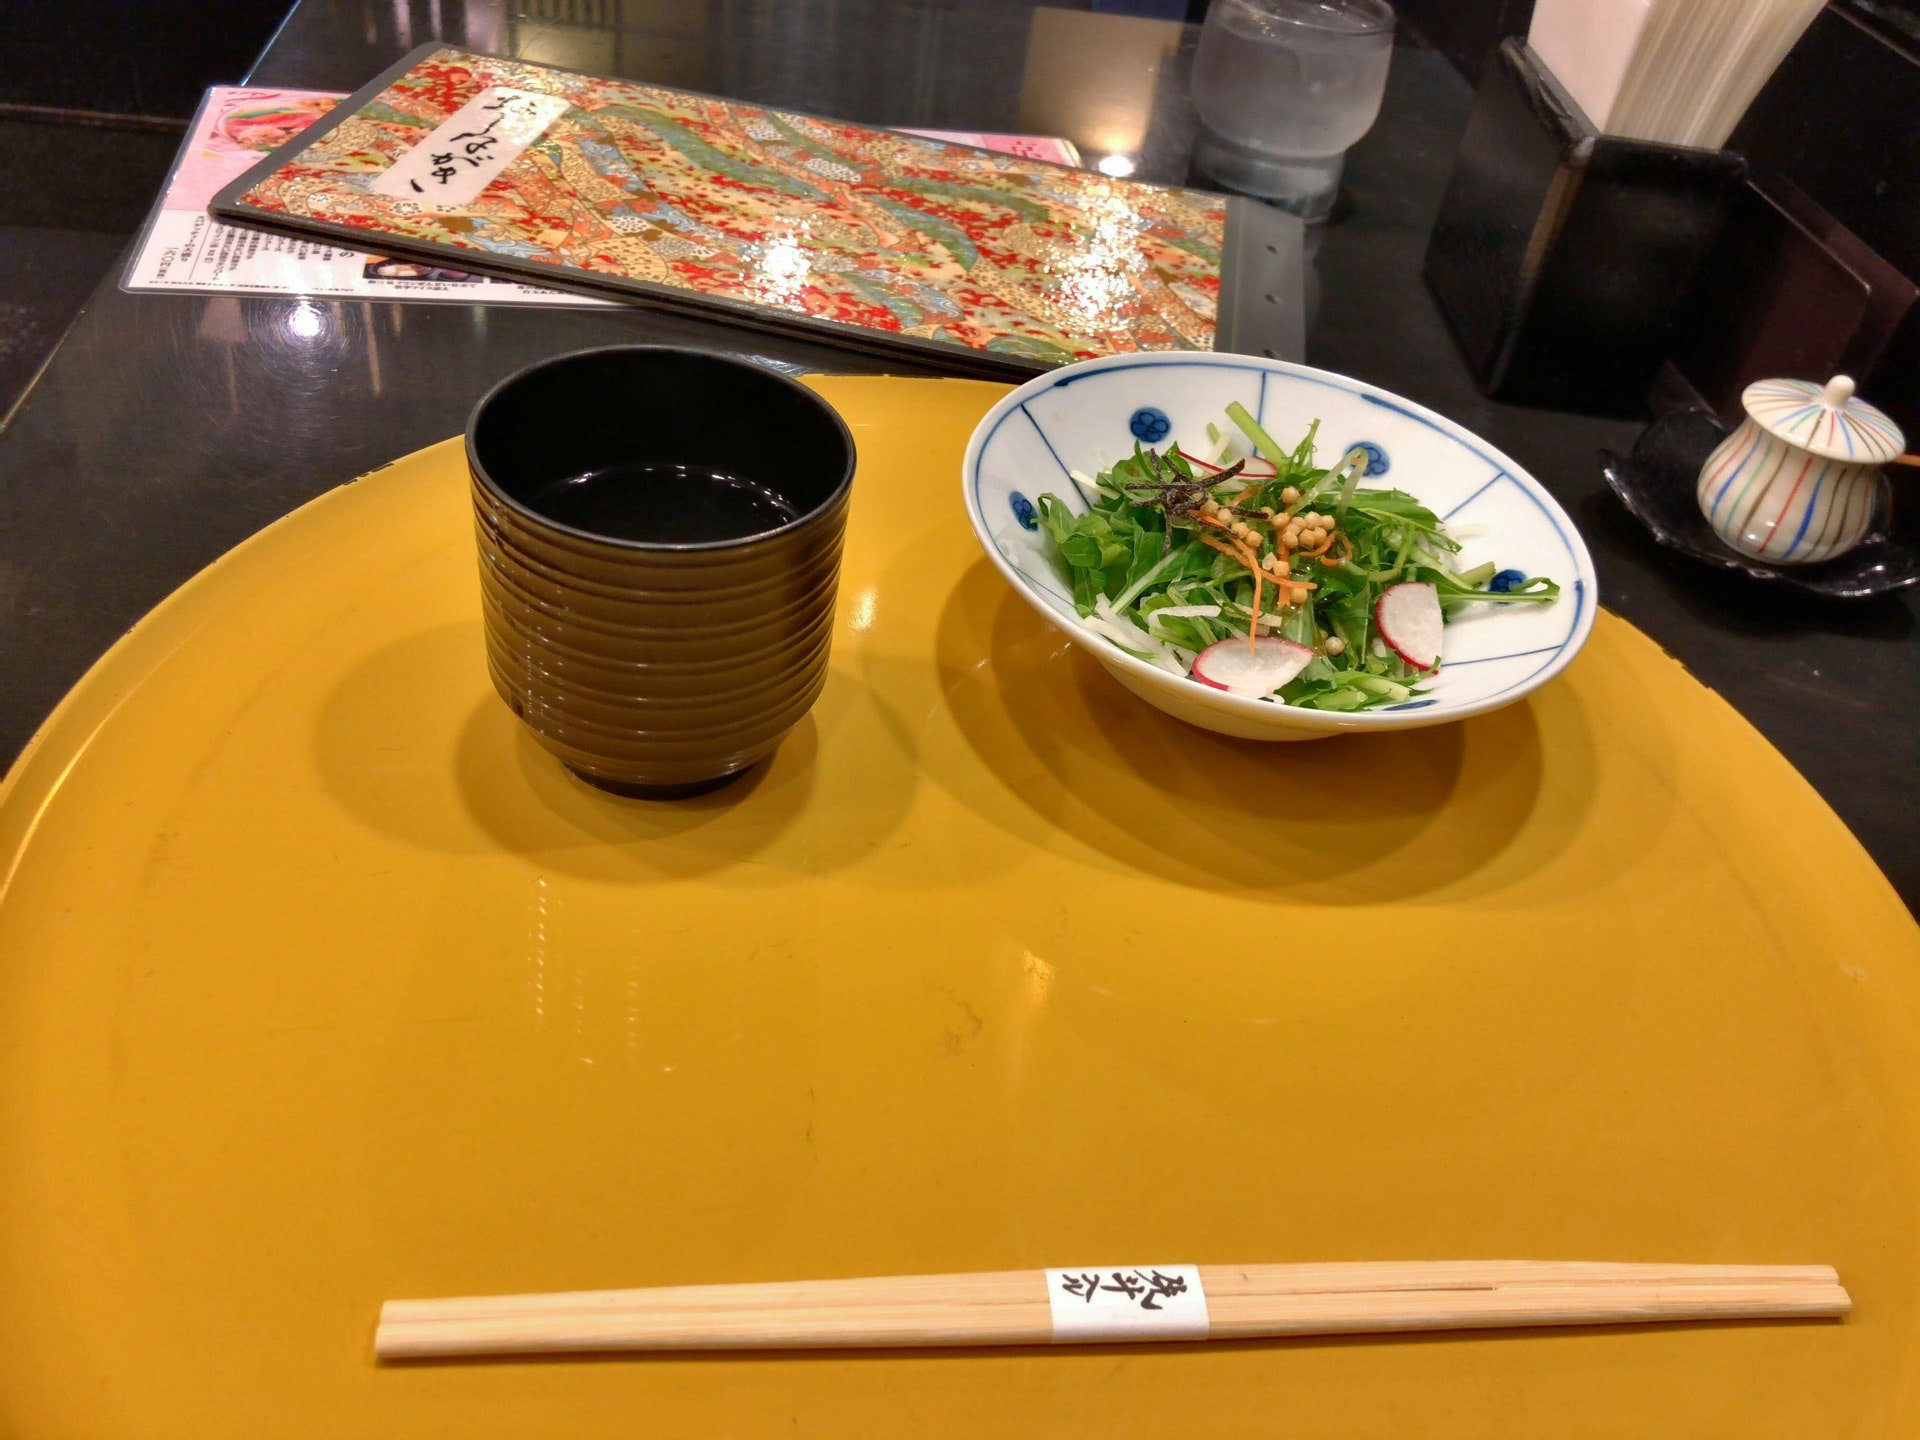 スパゲッティには和風スープがついてくる。鴨川セットを頼むと京風サラダとドリンクが付く。 (@ 京風スパゲッティー 先斗入ル in 名古屋市, 愛知県) https://t.co/4gBYNuoATf https://t.co/anfrKNuBx8